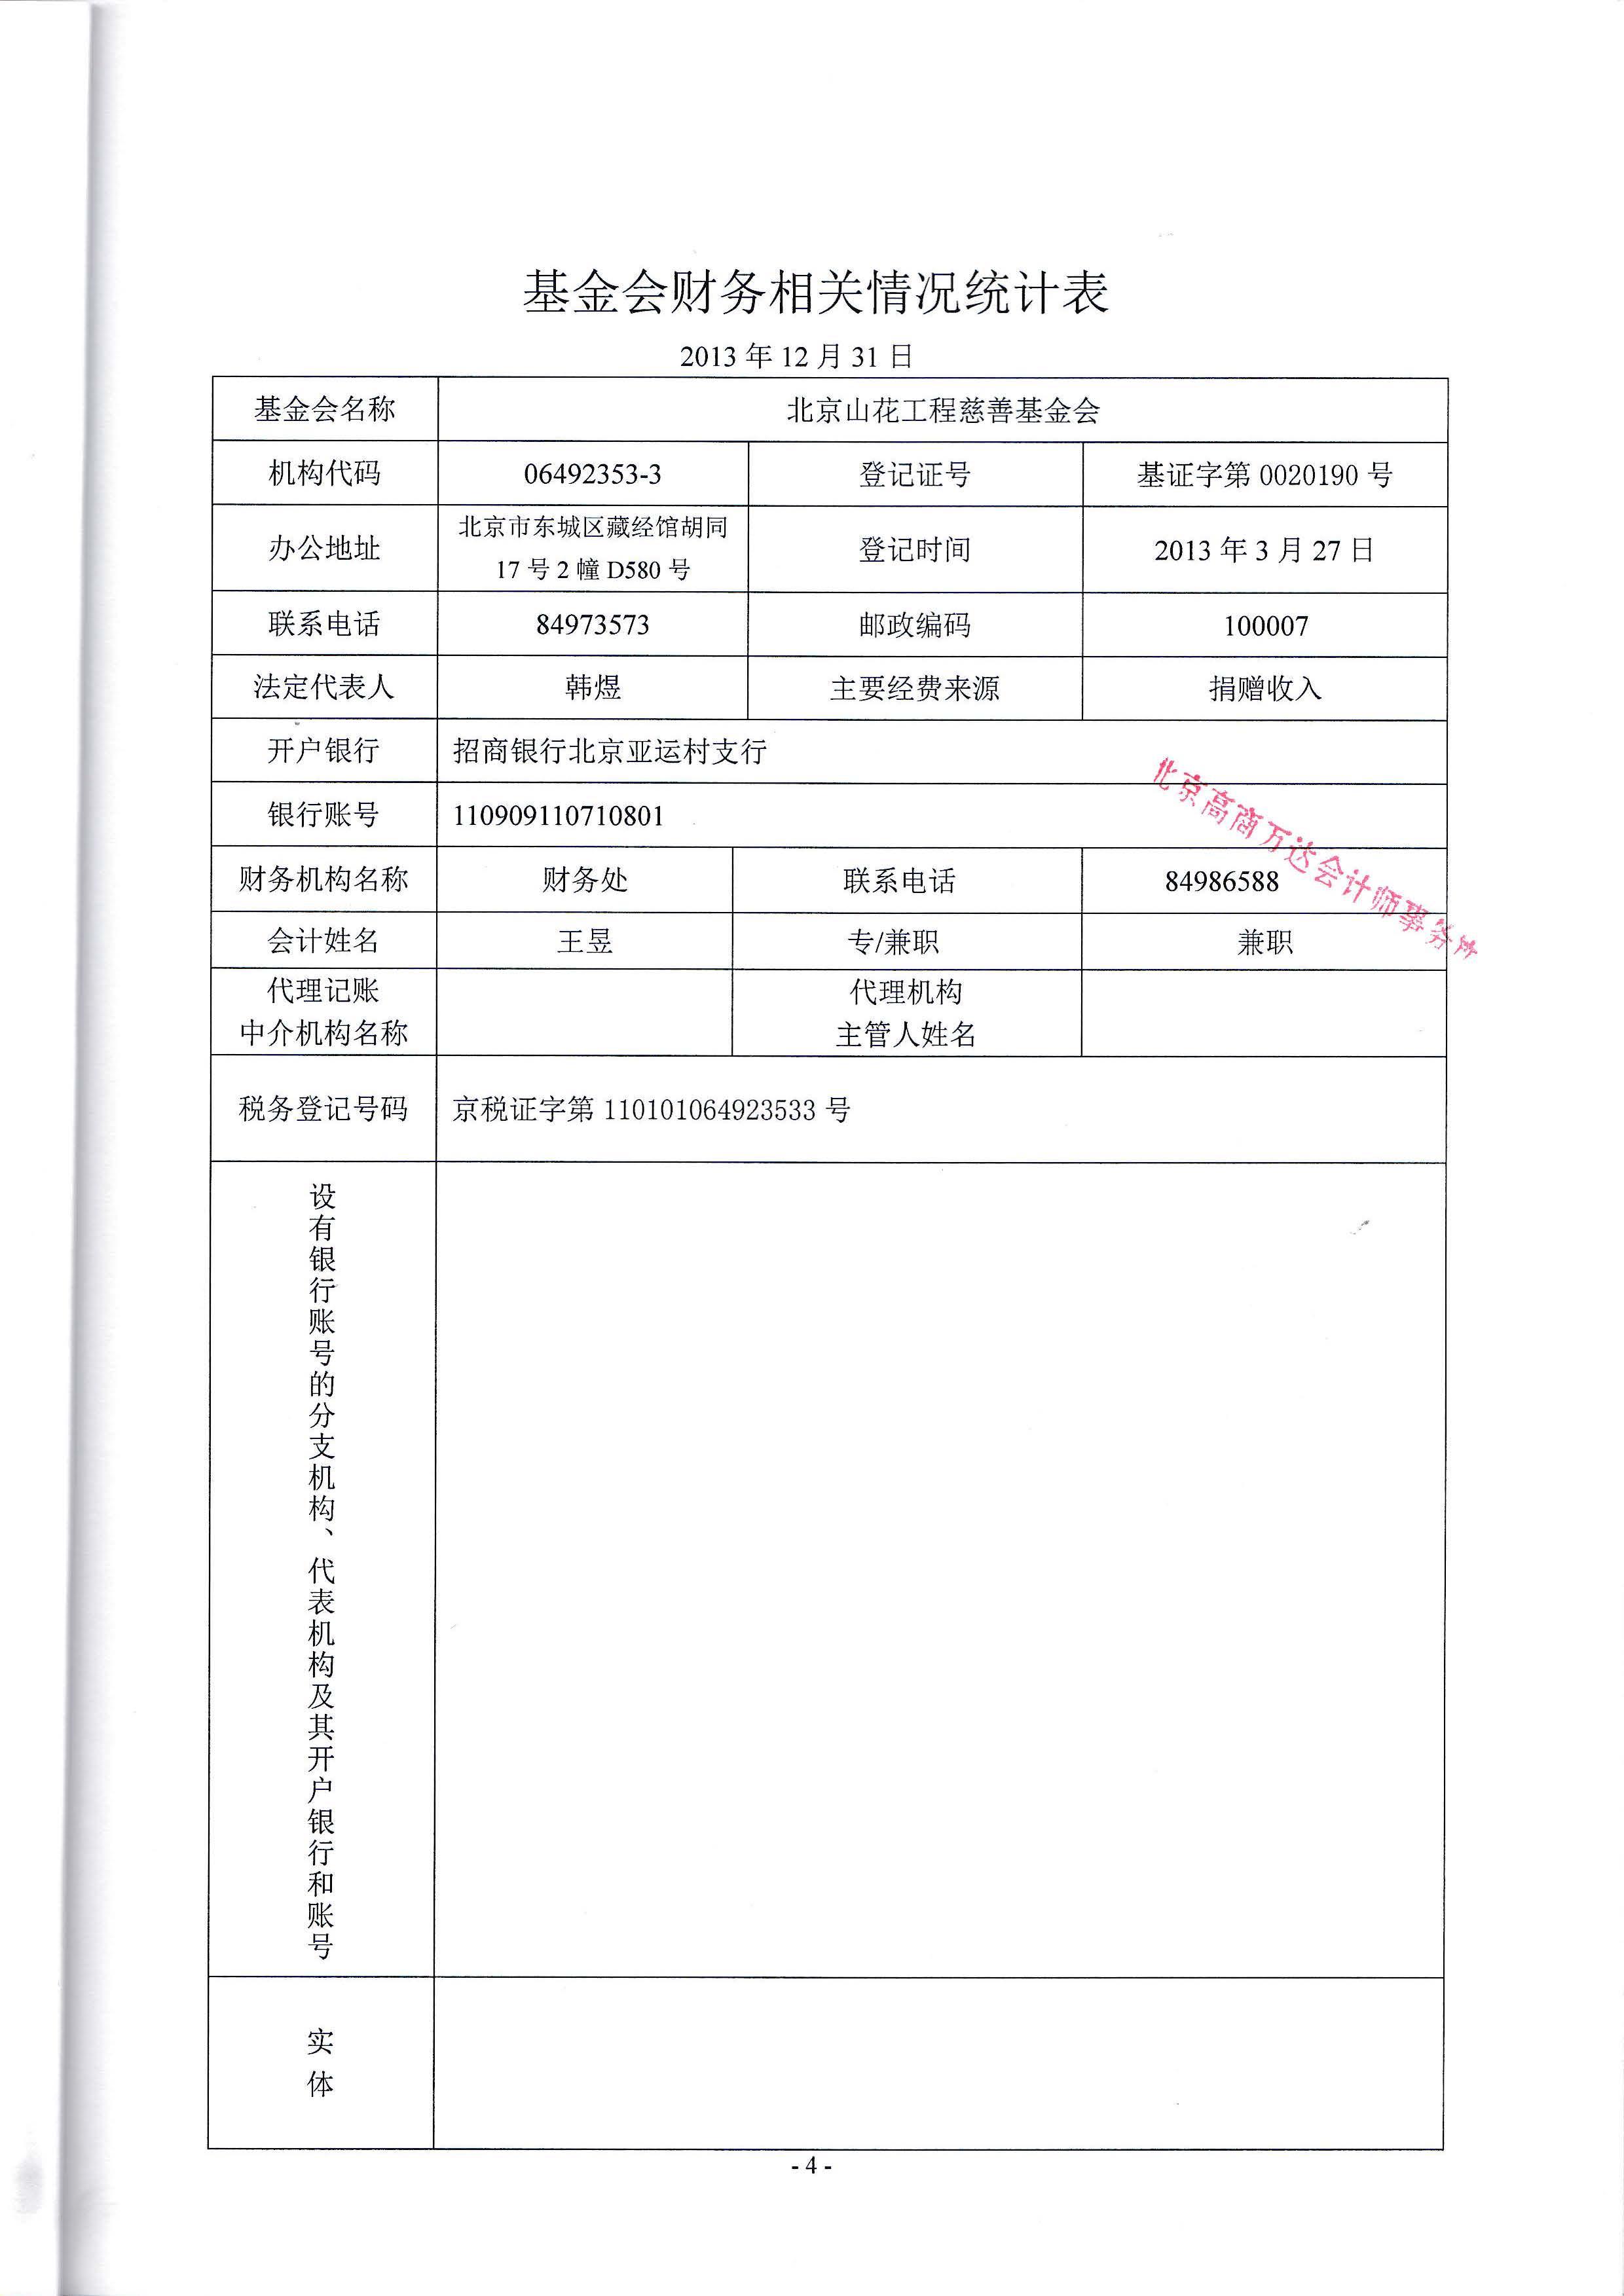 2013审计报告_页面_07